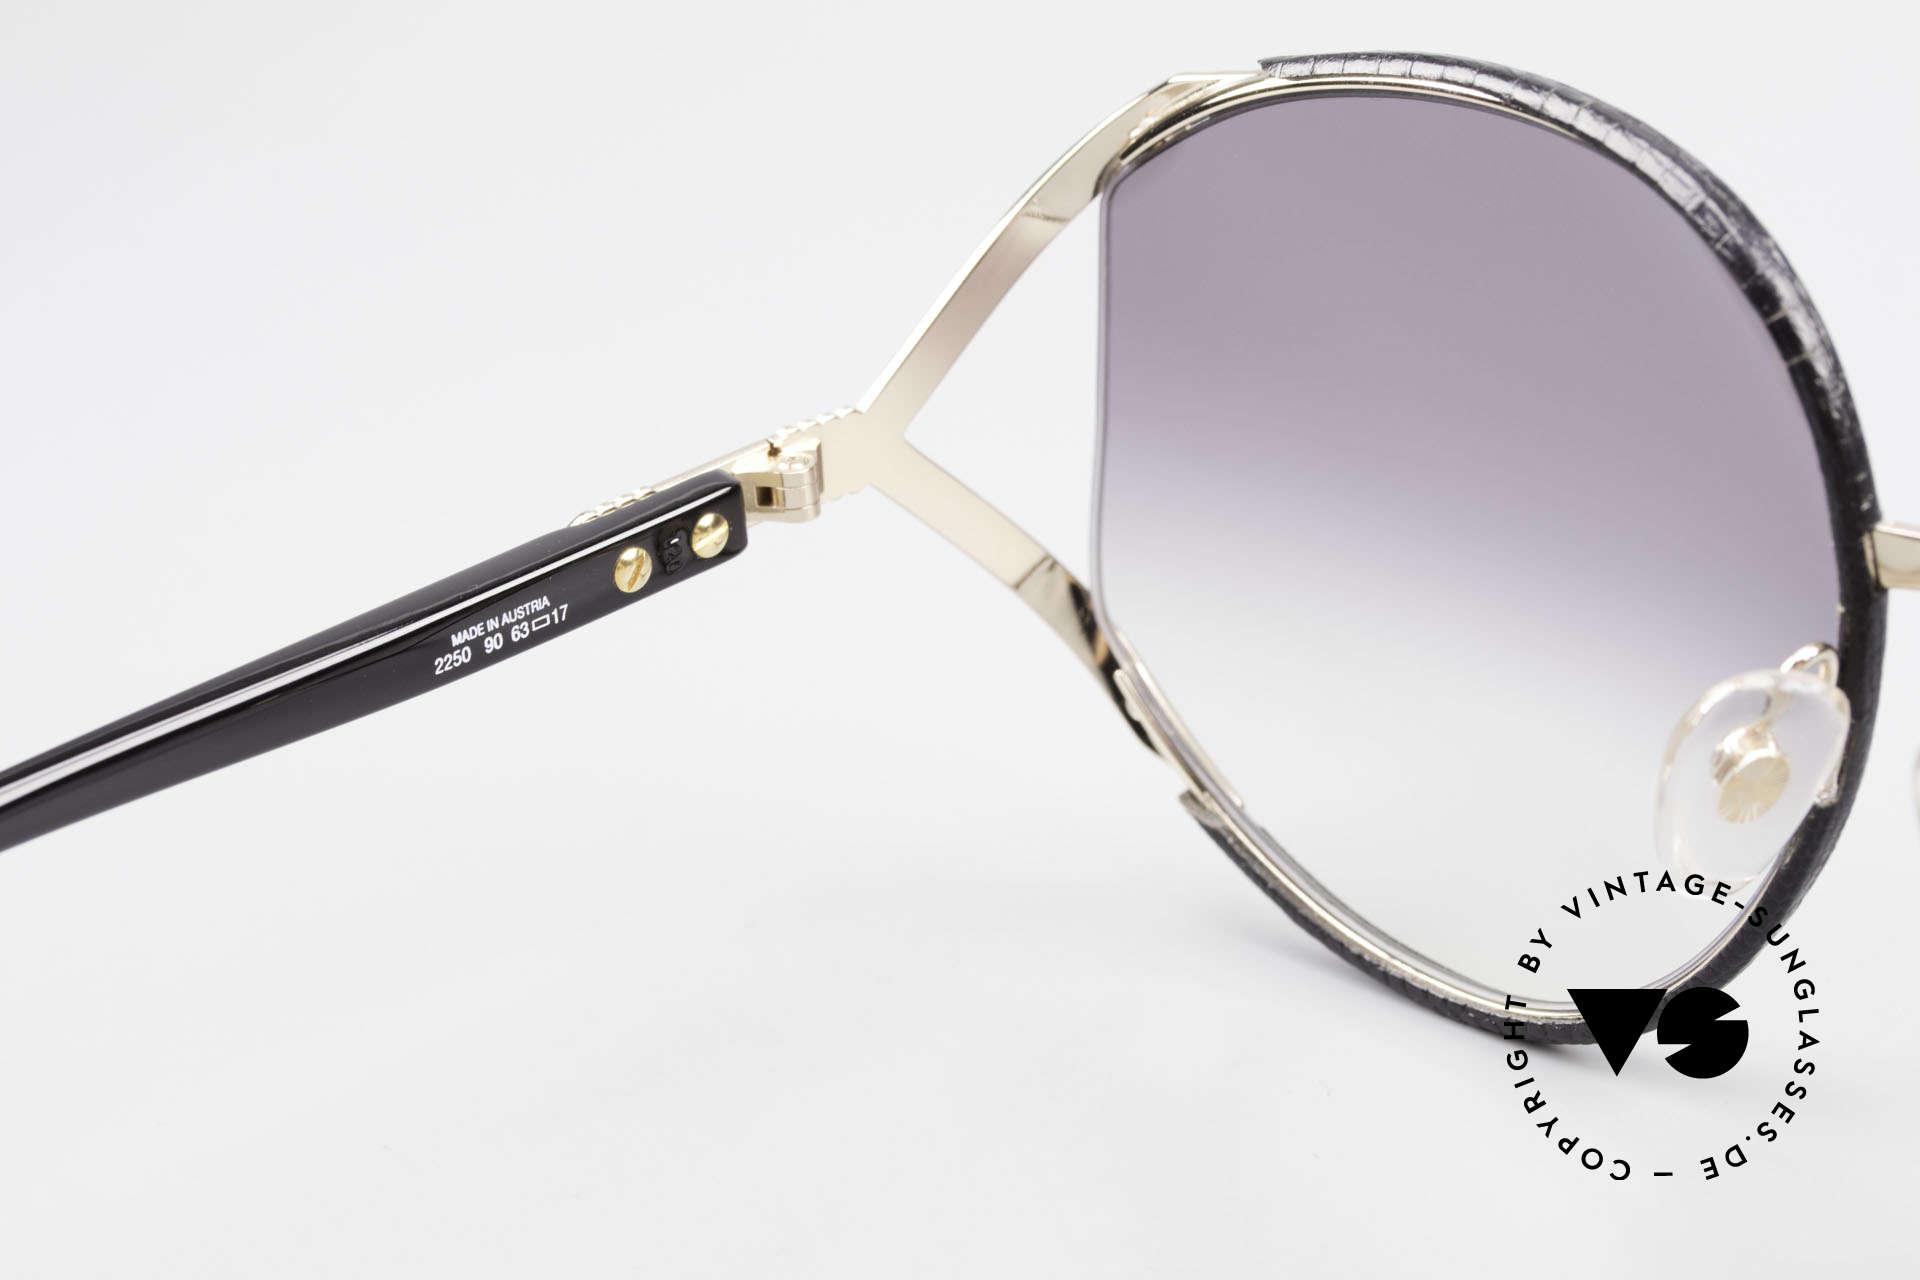 Christian Dior 2250 Rihanna Sonnenbrille Leder, ungetragenes Unikat + Dior Etui & 1 Paar extra Gläser!, Passend für Damen